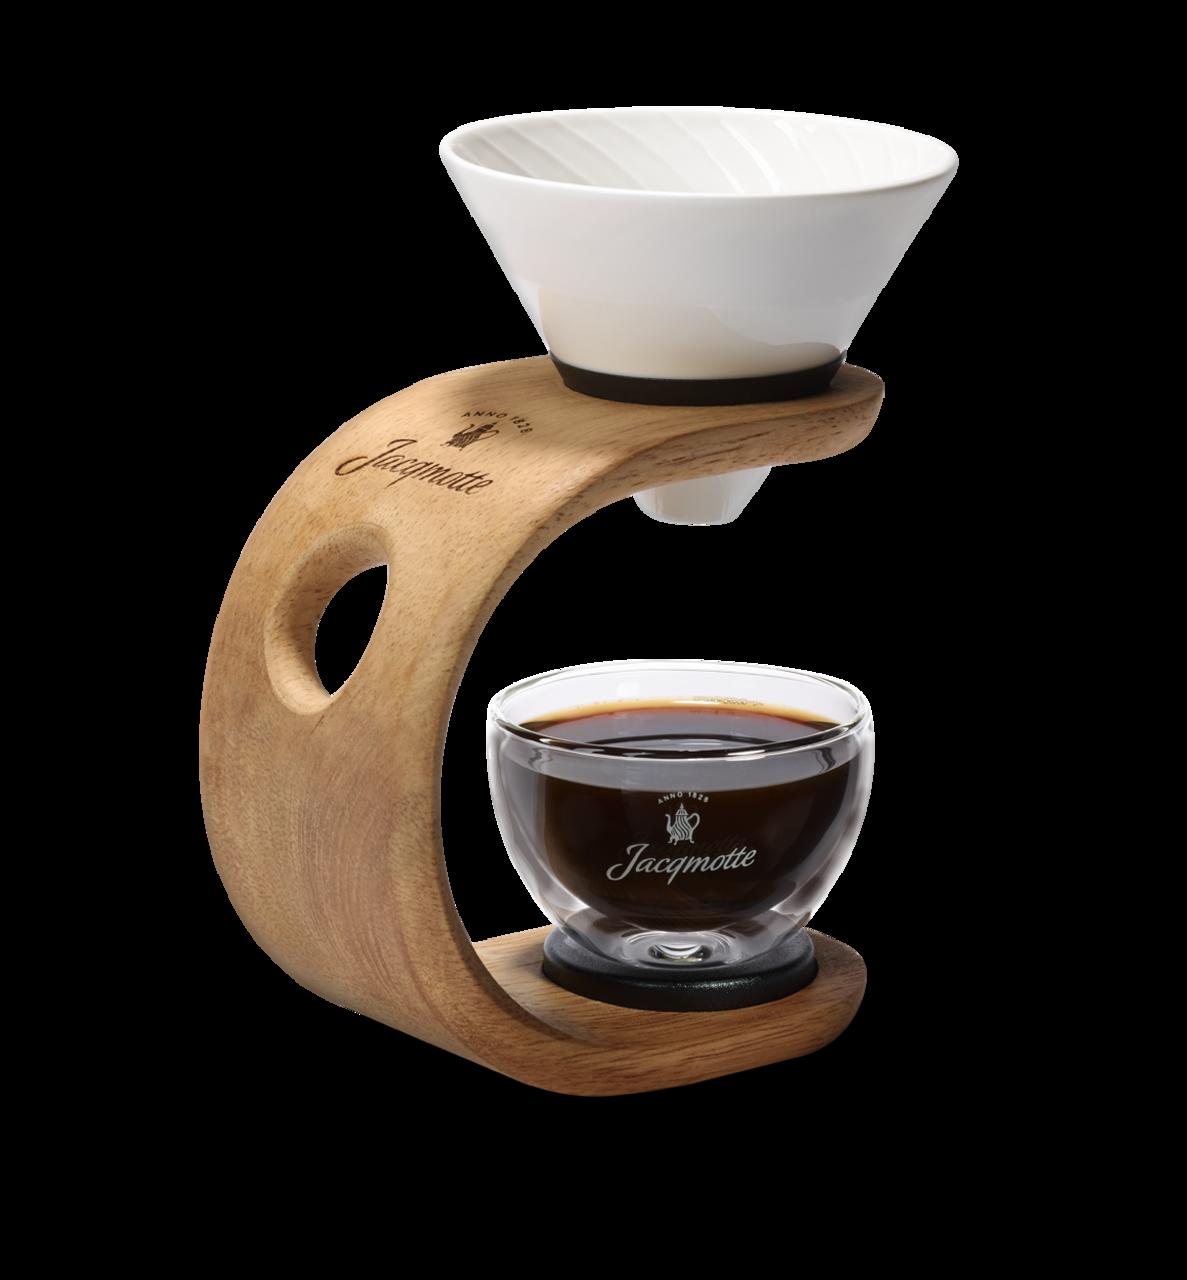 Best Filter Drip Coffee Maker